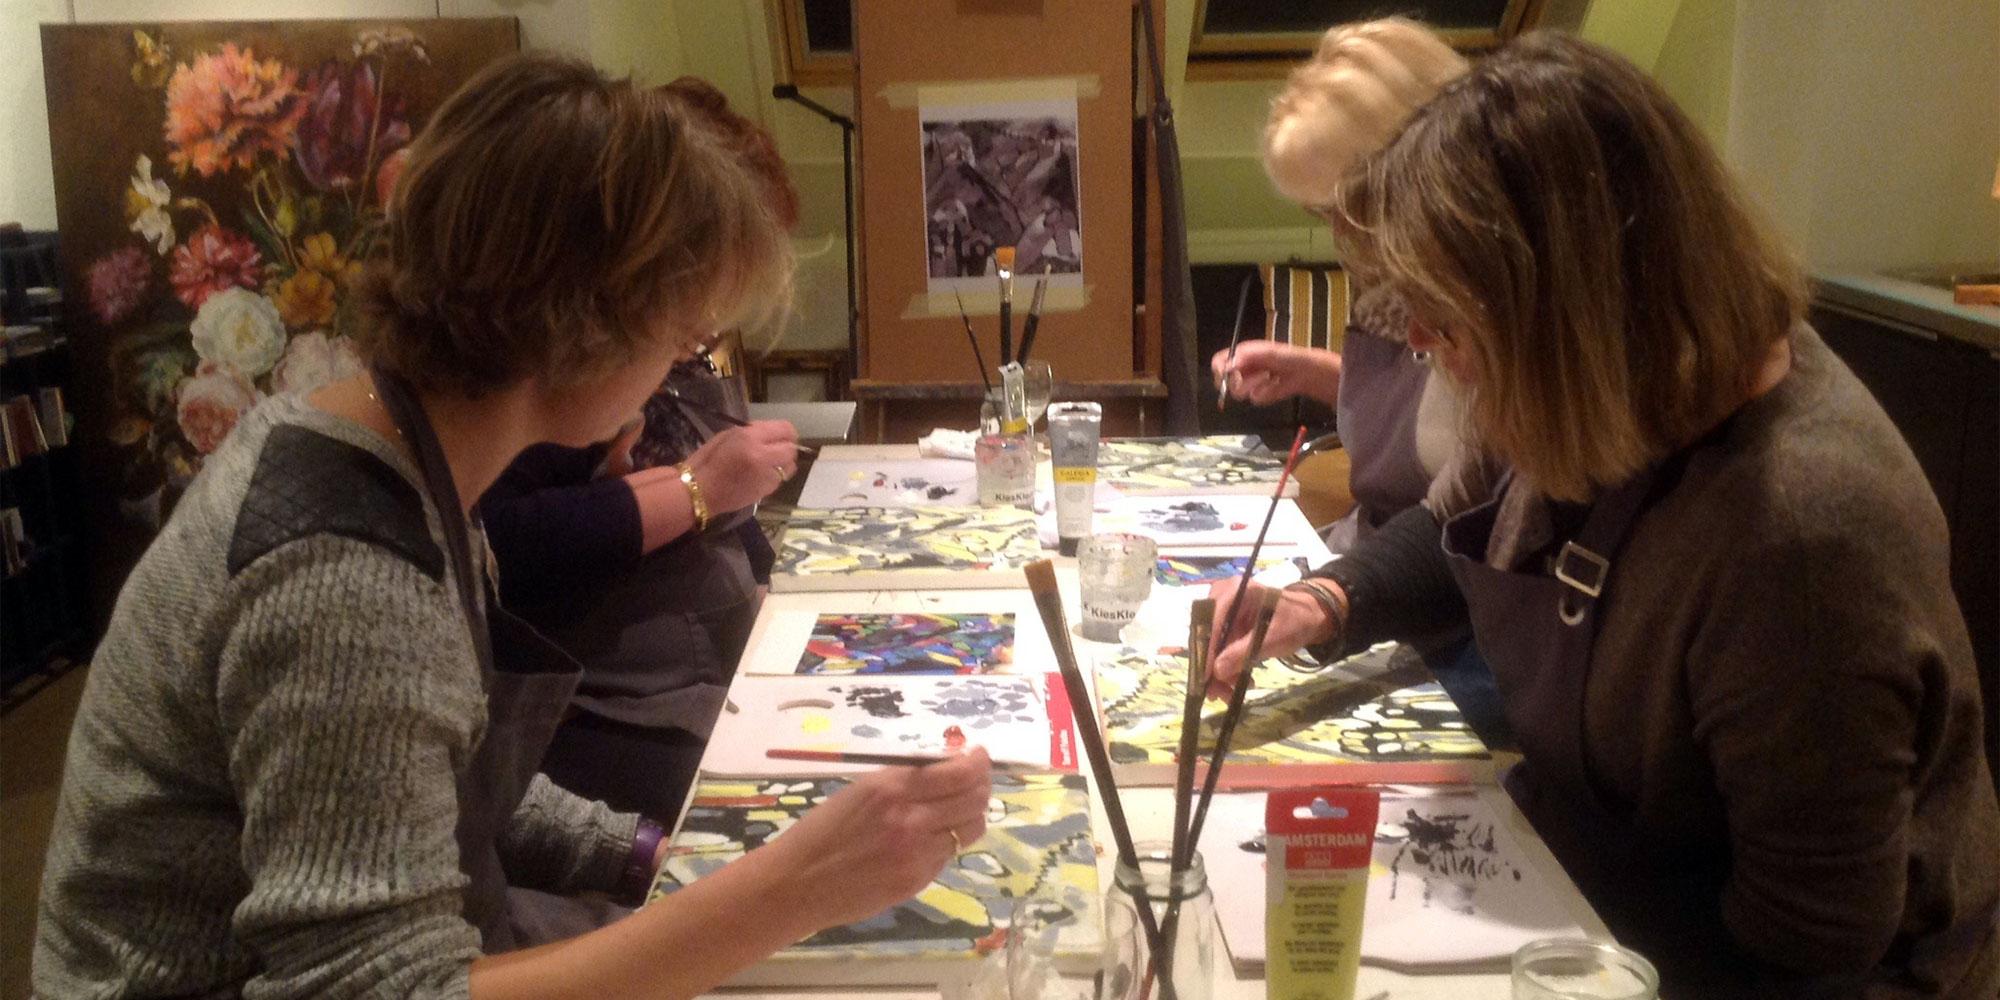 vier vrouwen schilderen in atelier